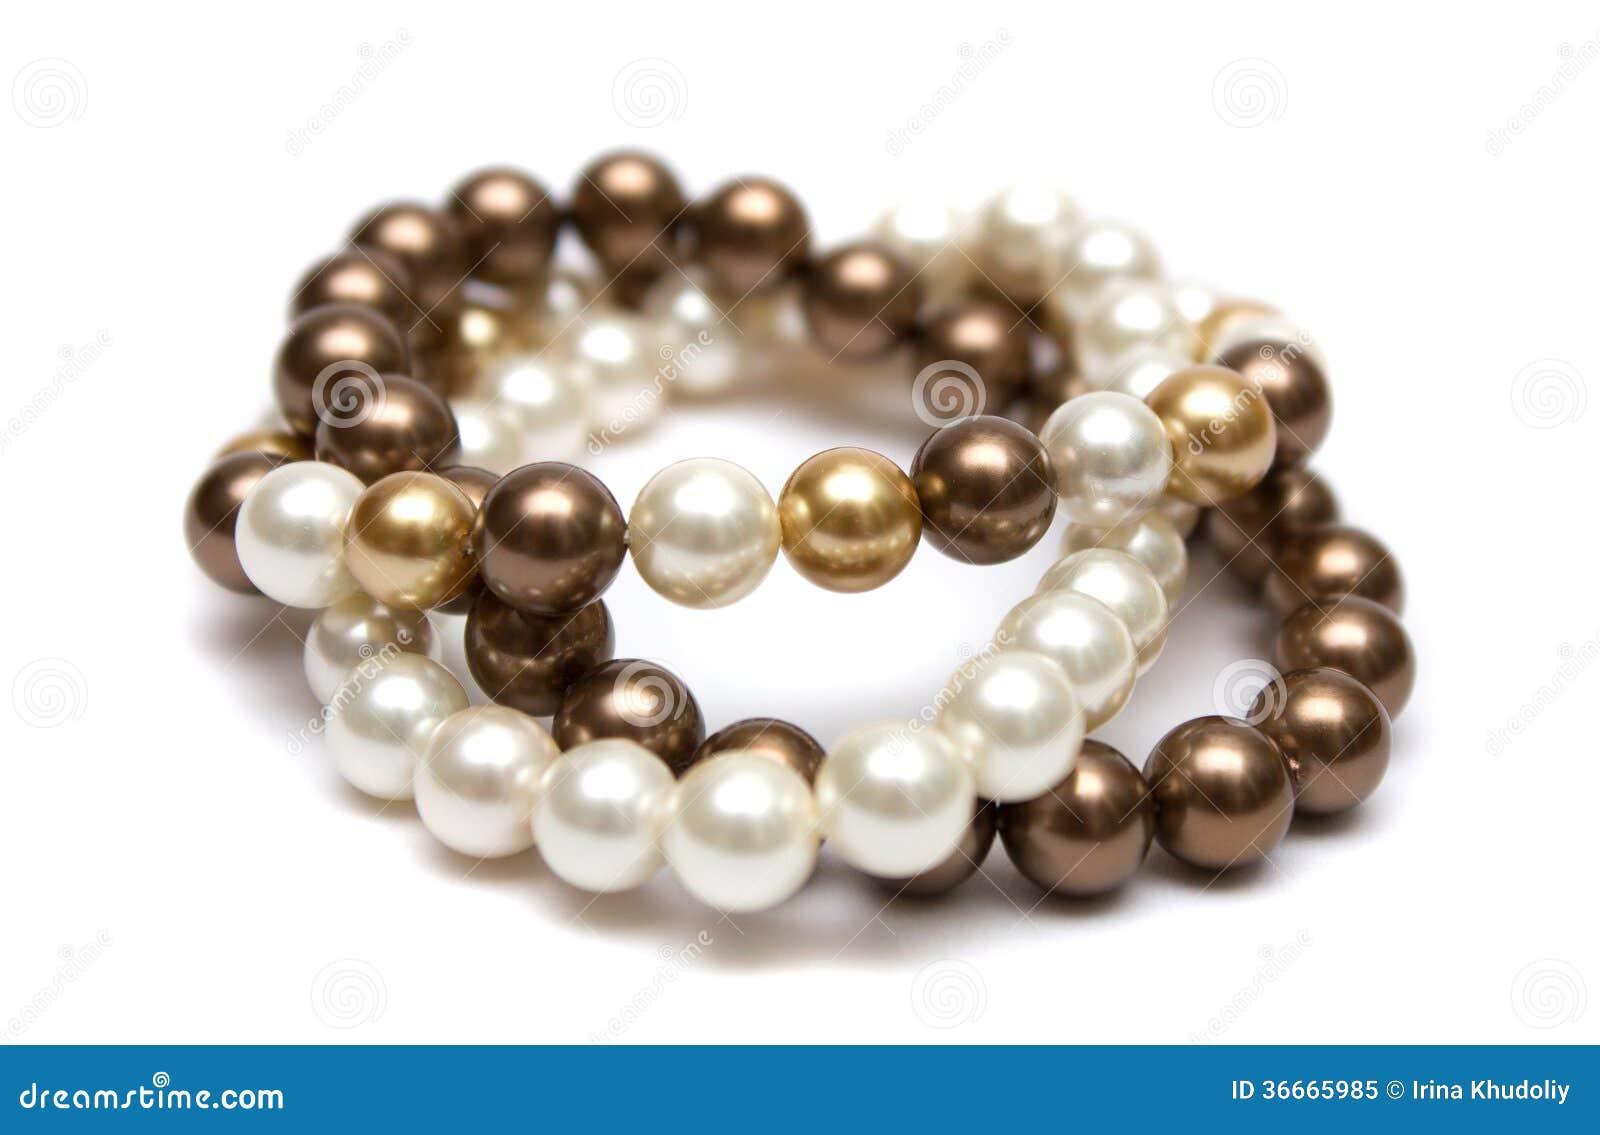 Pulsera de perlas marrones, amarillas y blancas.